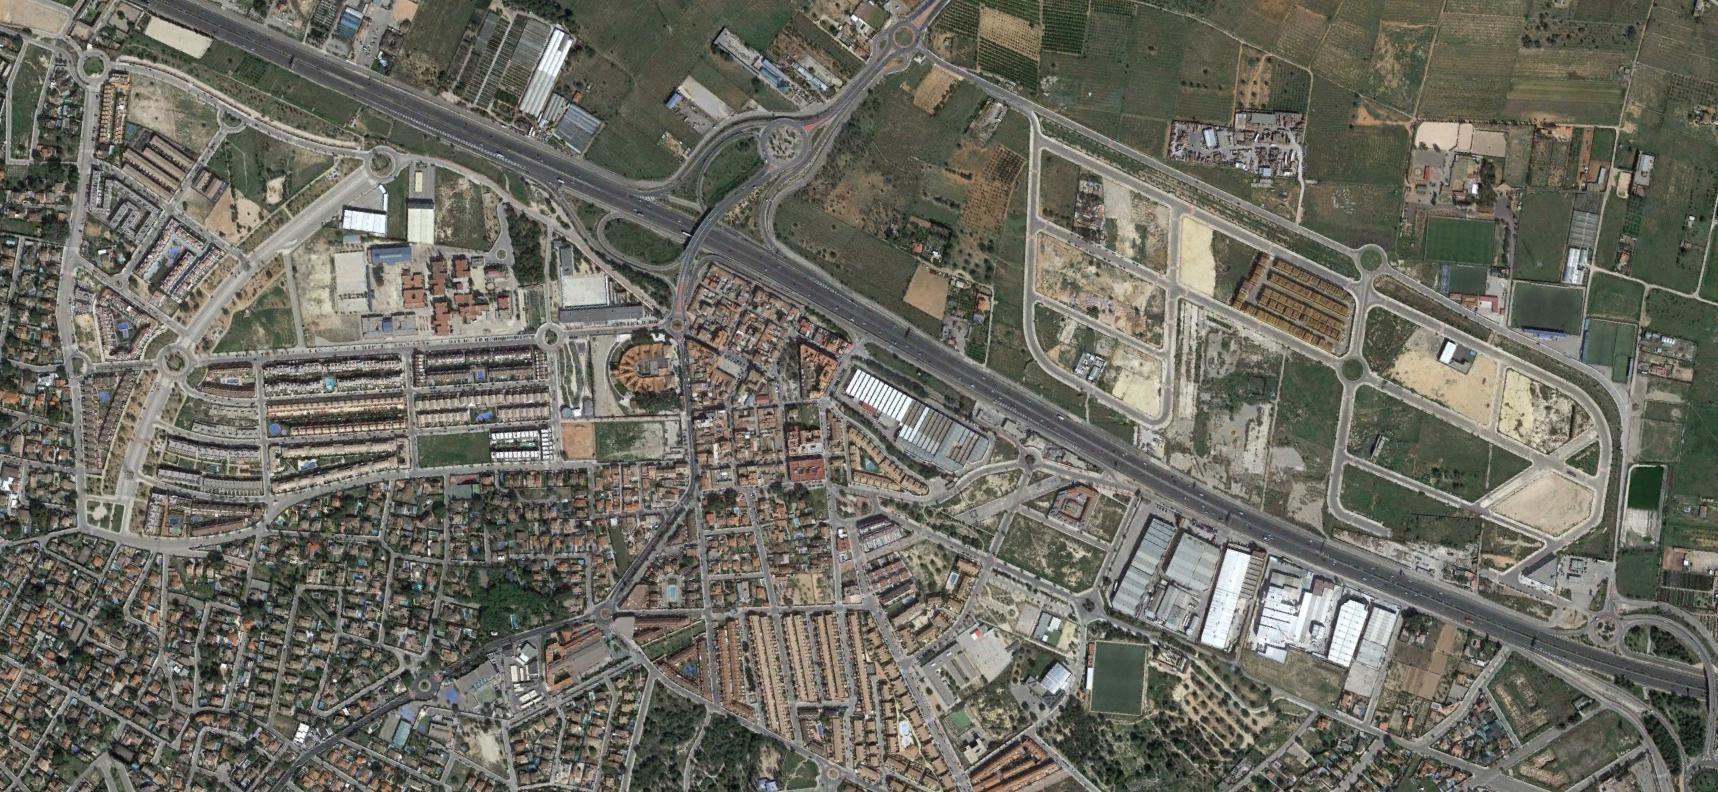 san antonio de benageber, valencia, tildes loquis, después, urbanismo, planeamiento, urbano, desastre, urbanístico, construcción, rotondas, carretera